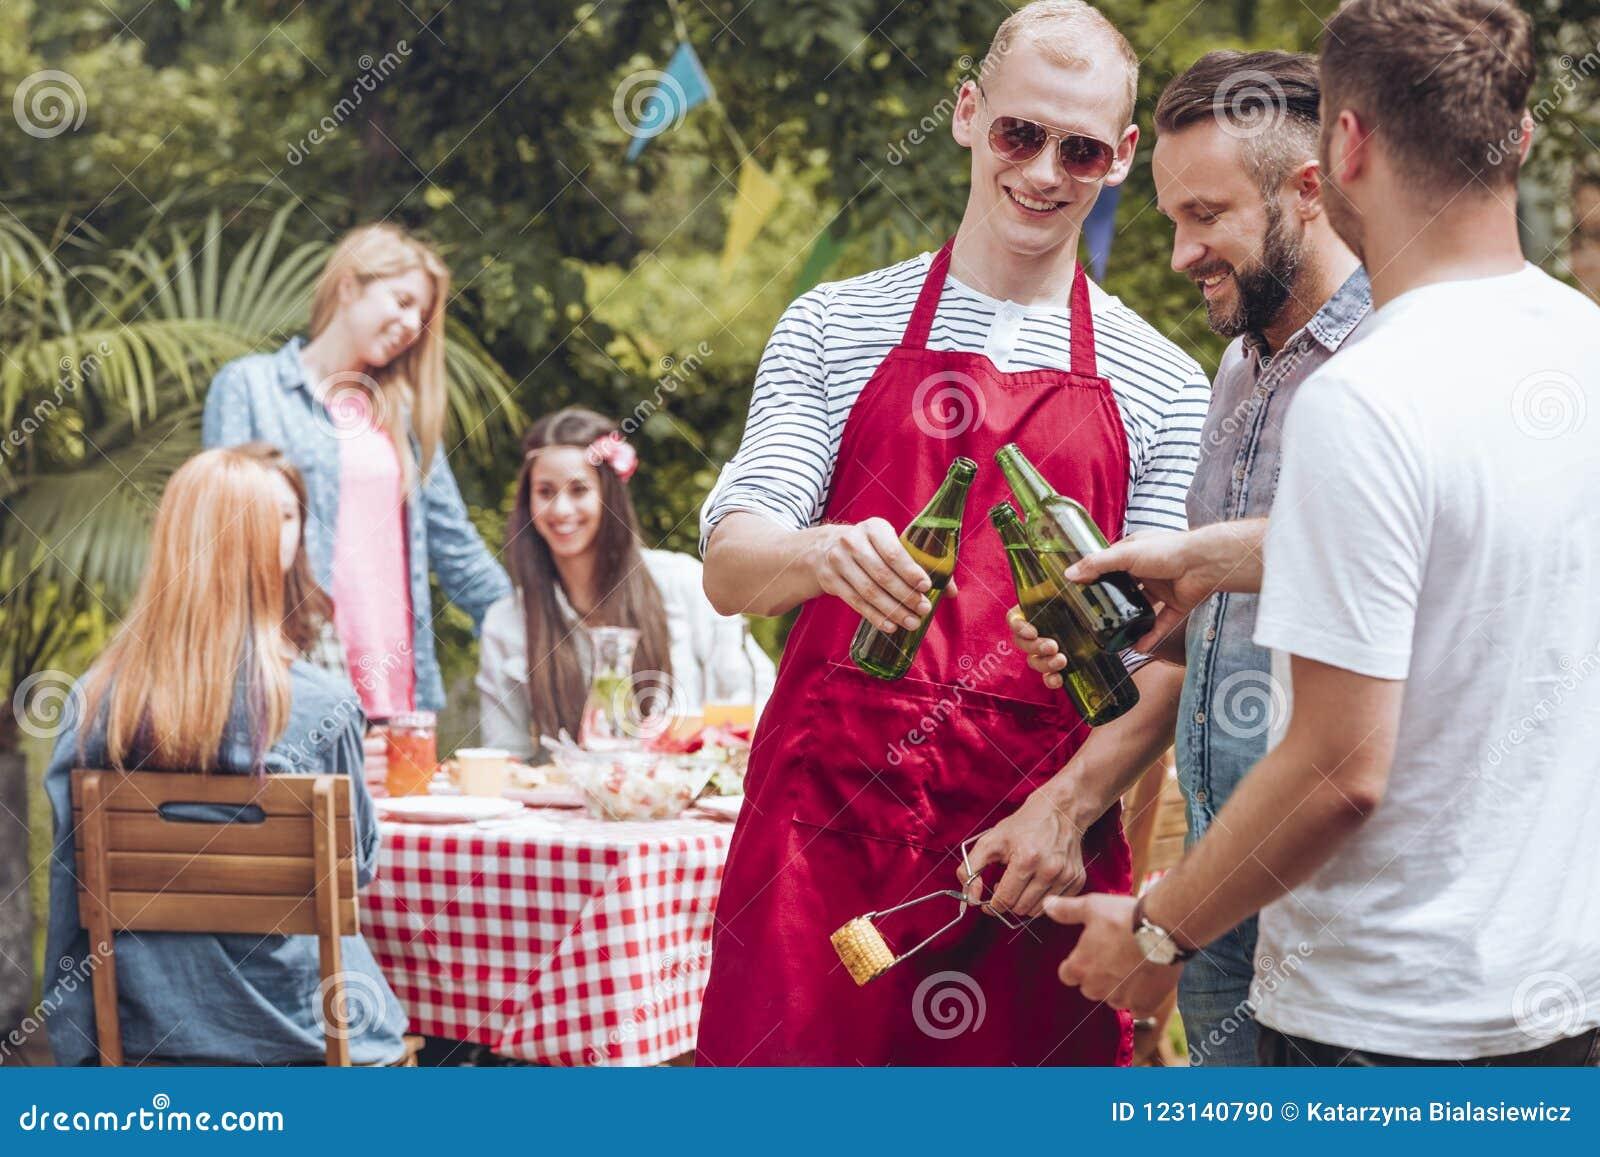 Glückliche Männer, die während des Gartenfests mit Freunden zujubeln